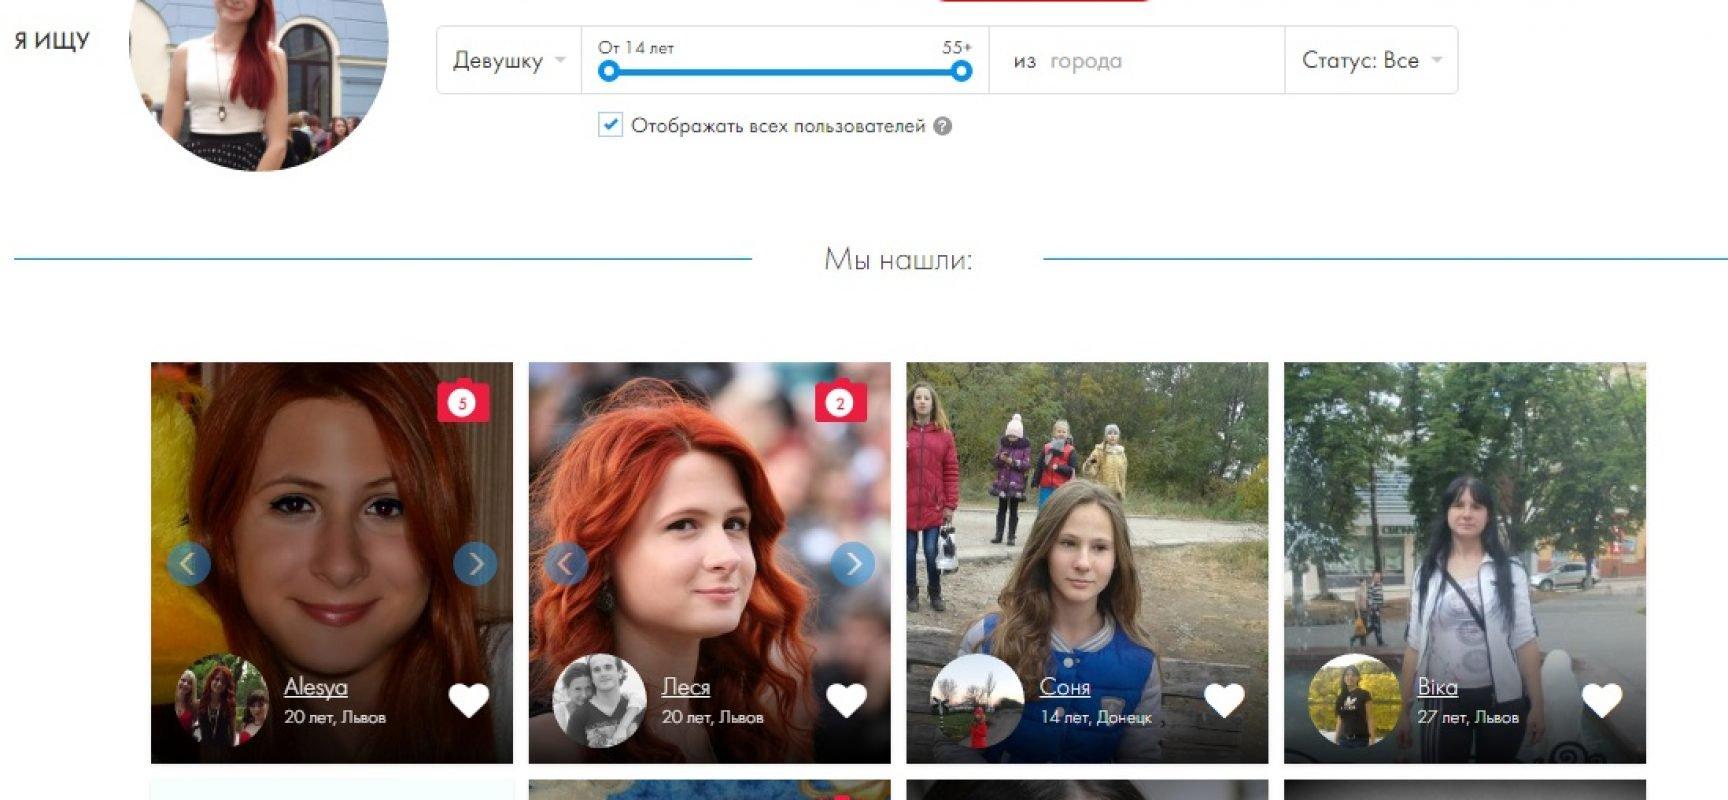 как через приложение найти человека по фото полки